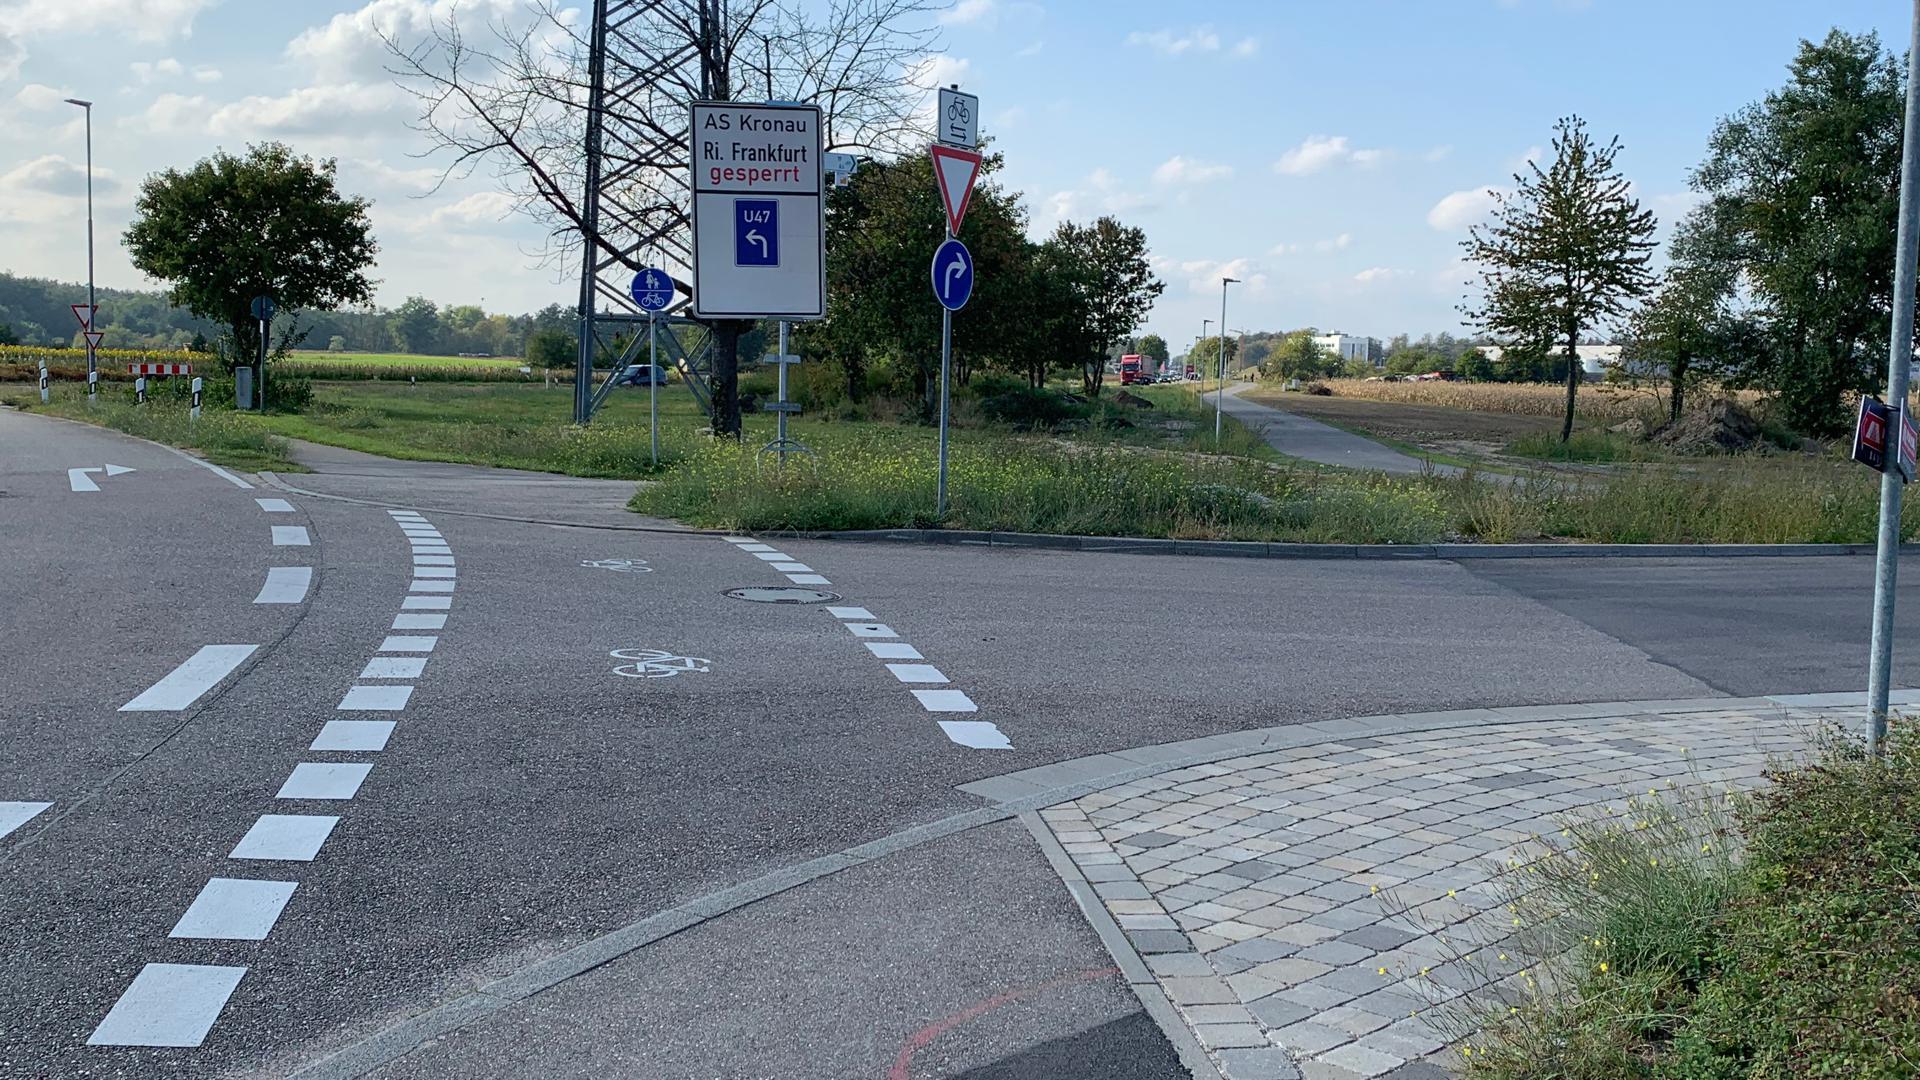 Kreuzung mit Schildern und einem Radweg